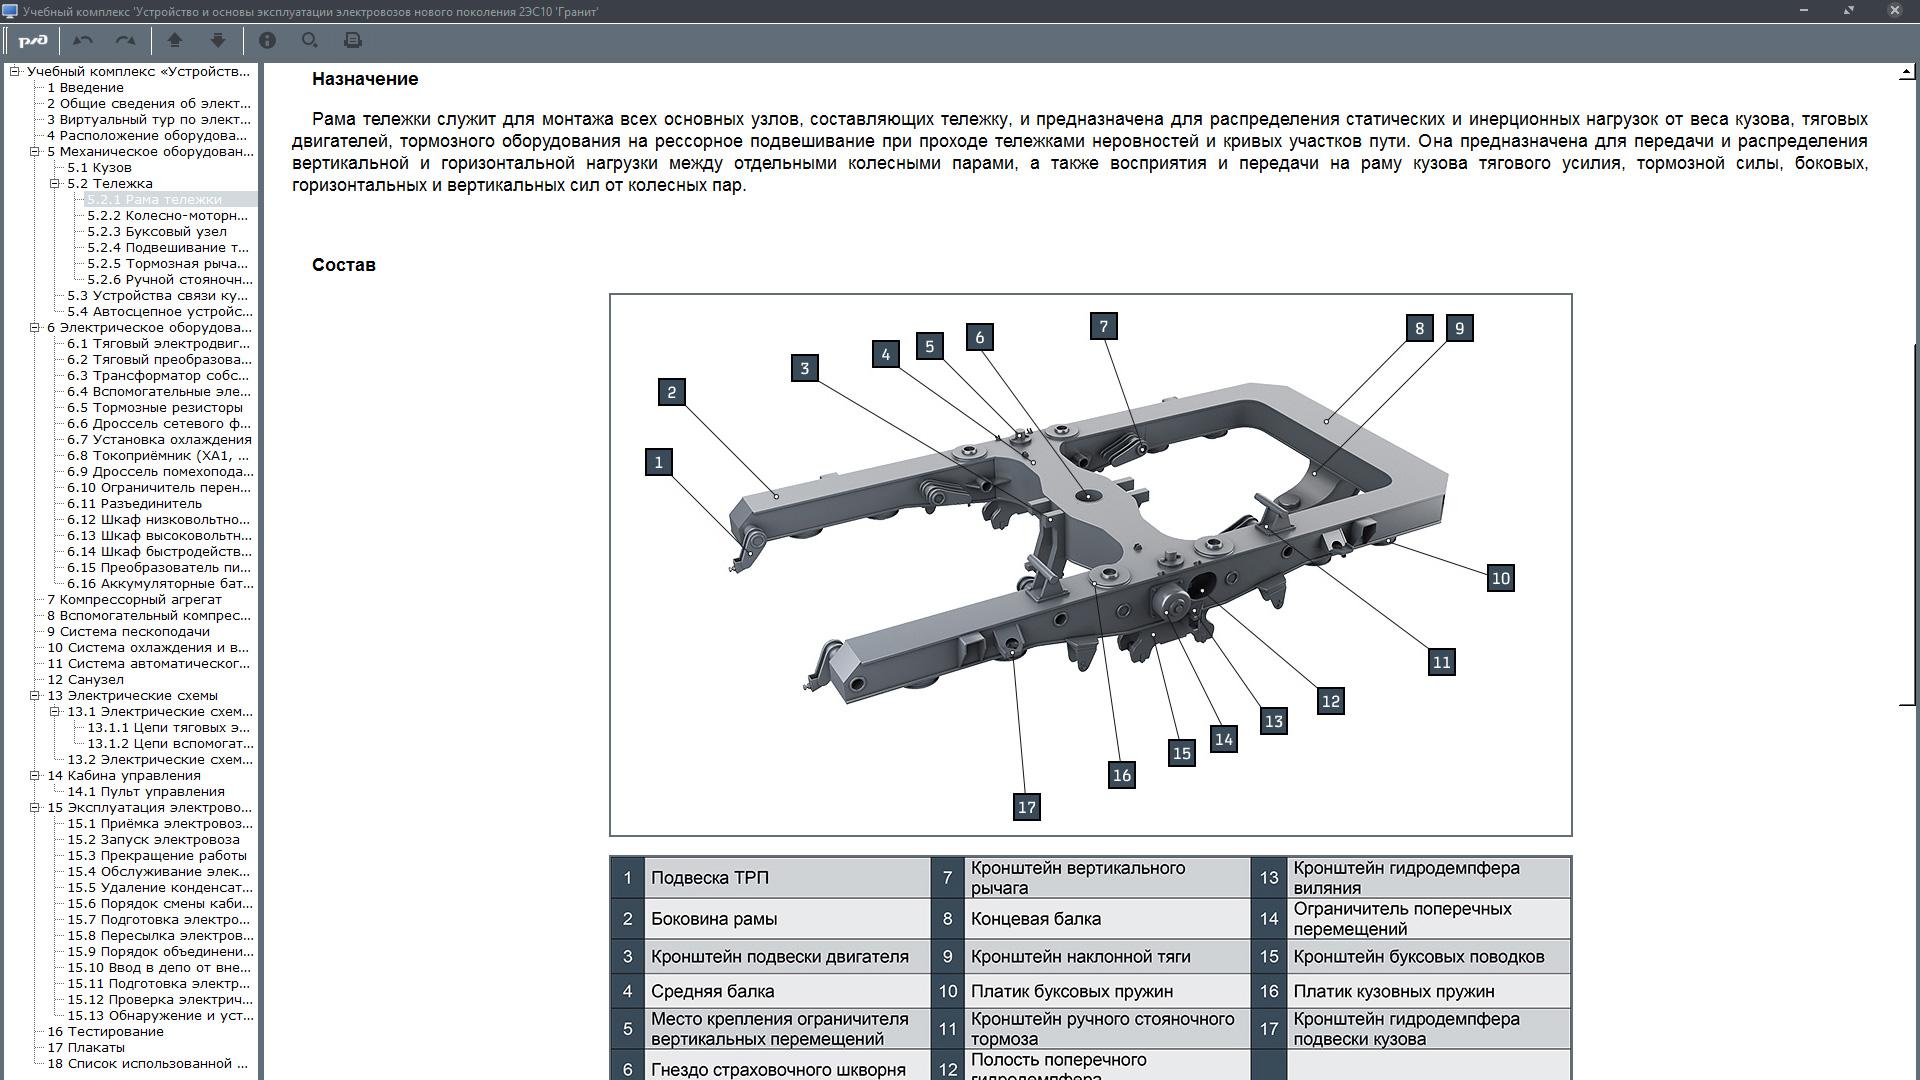 granit16 05 Электронный учебный комплекс «Устройство и основы эксплуатации электровозов нового поколения 2ЭС10 «Гранит»